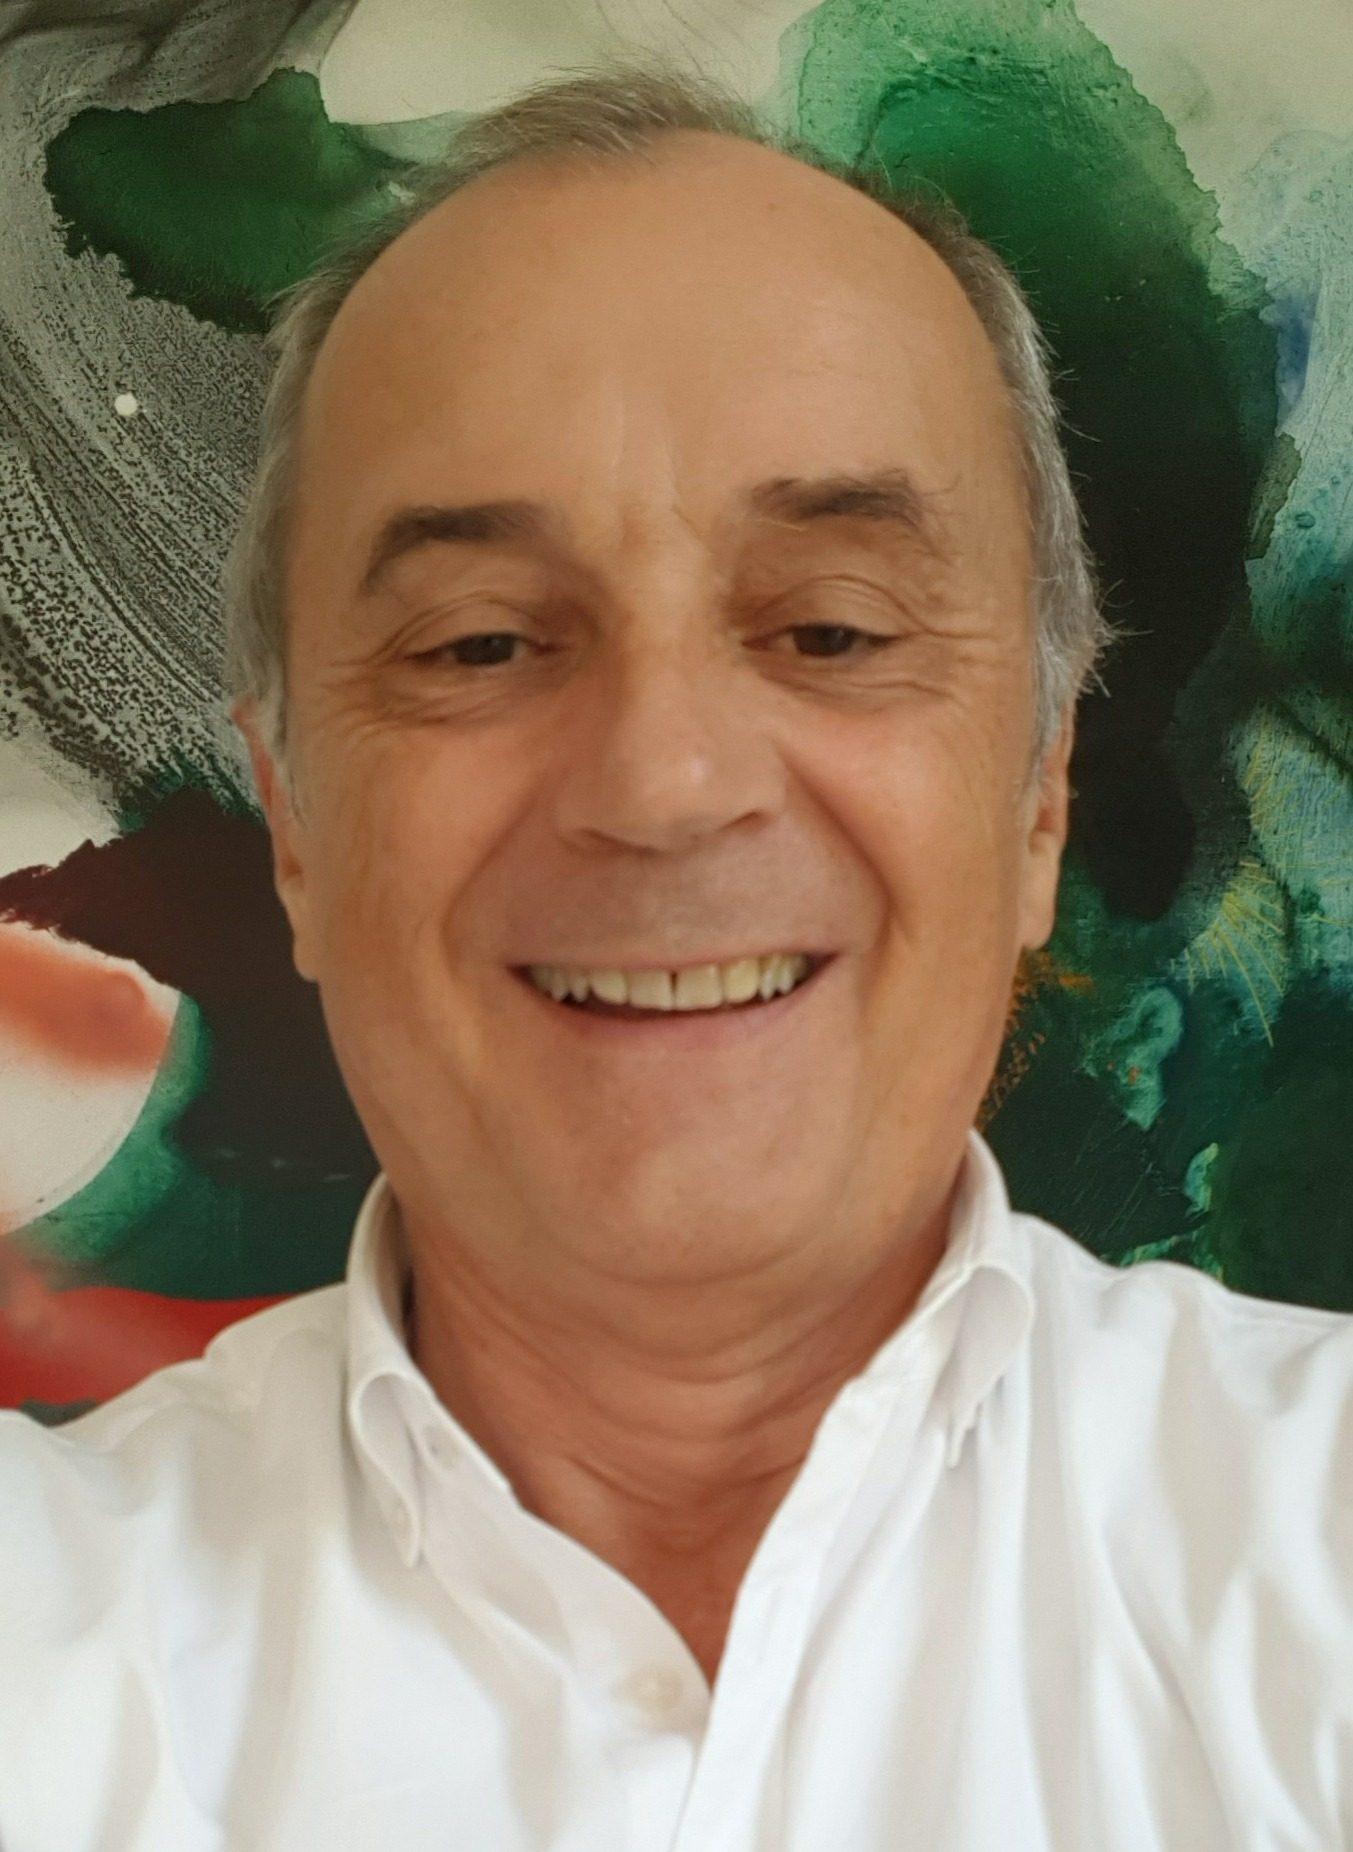 Dr. jur. Herbert Asam